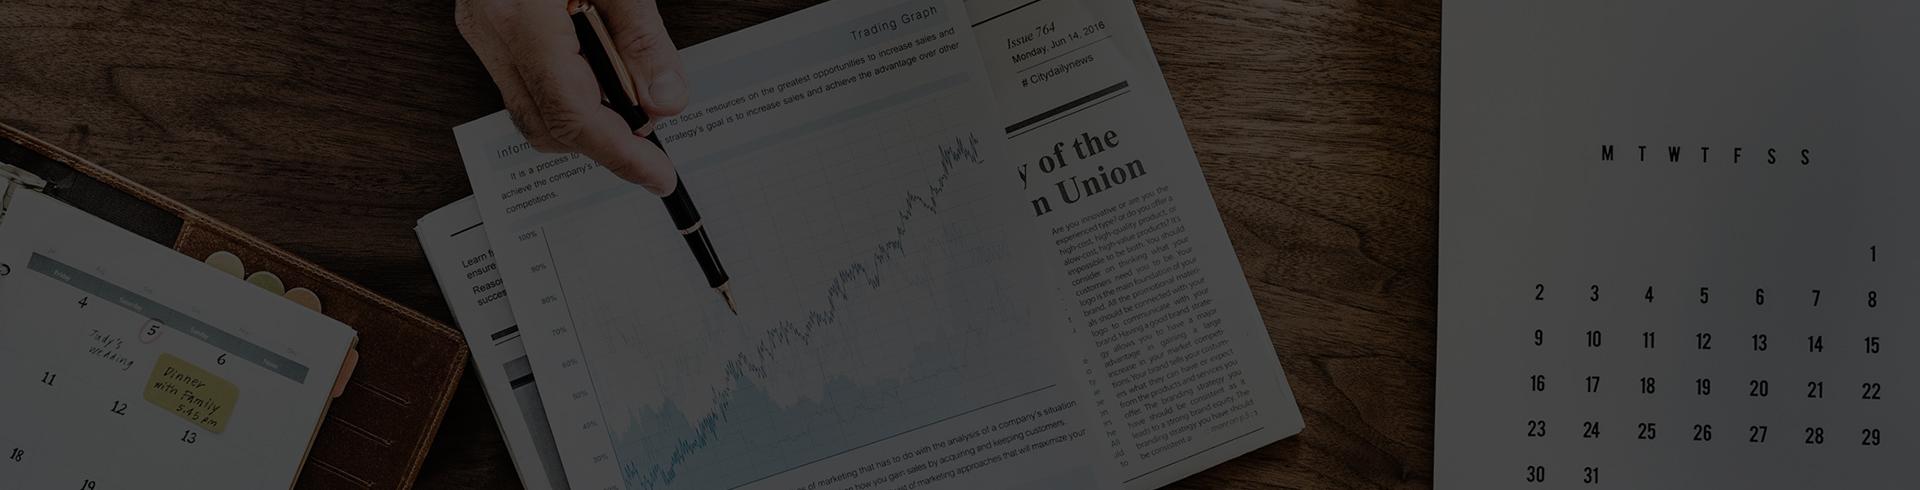 cerebra článok financie